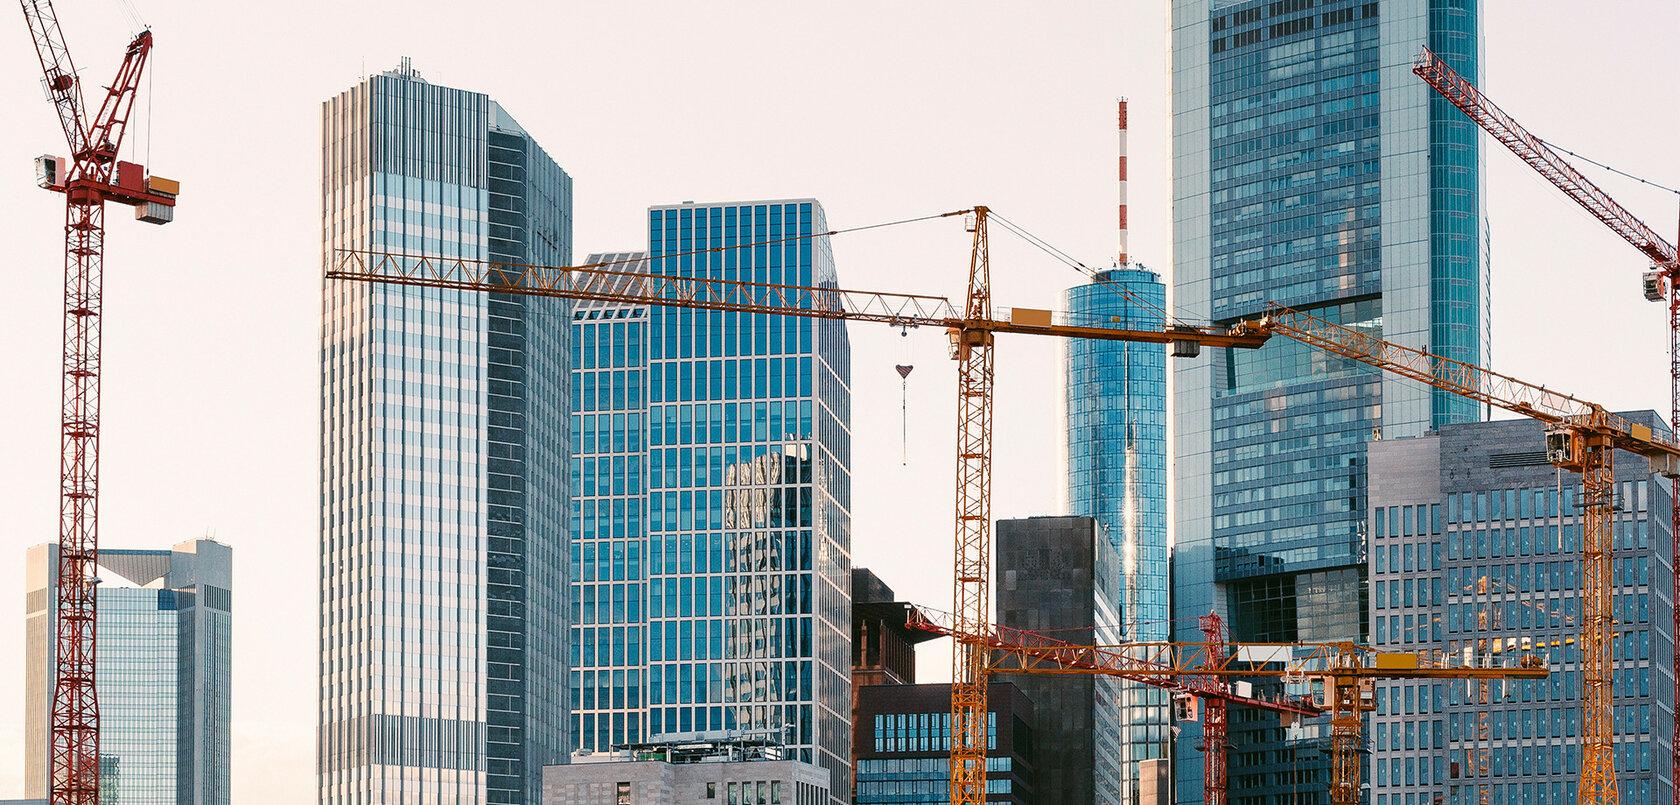 Architektur canzler for Technische universitat berlin architektur